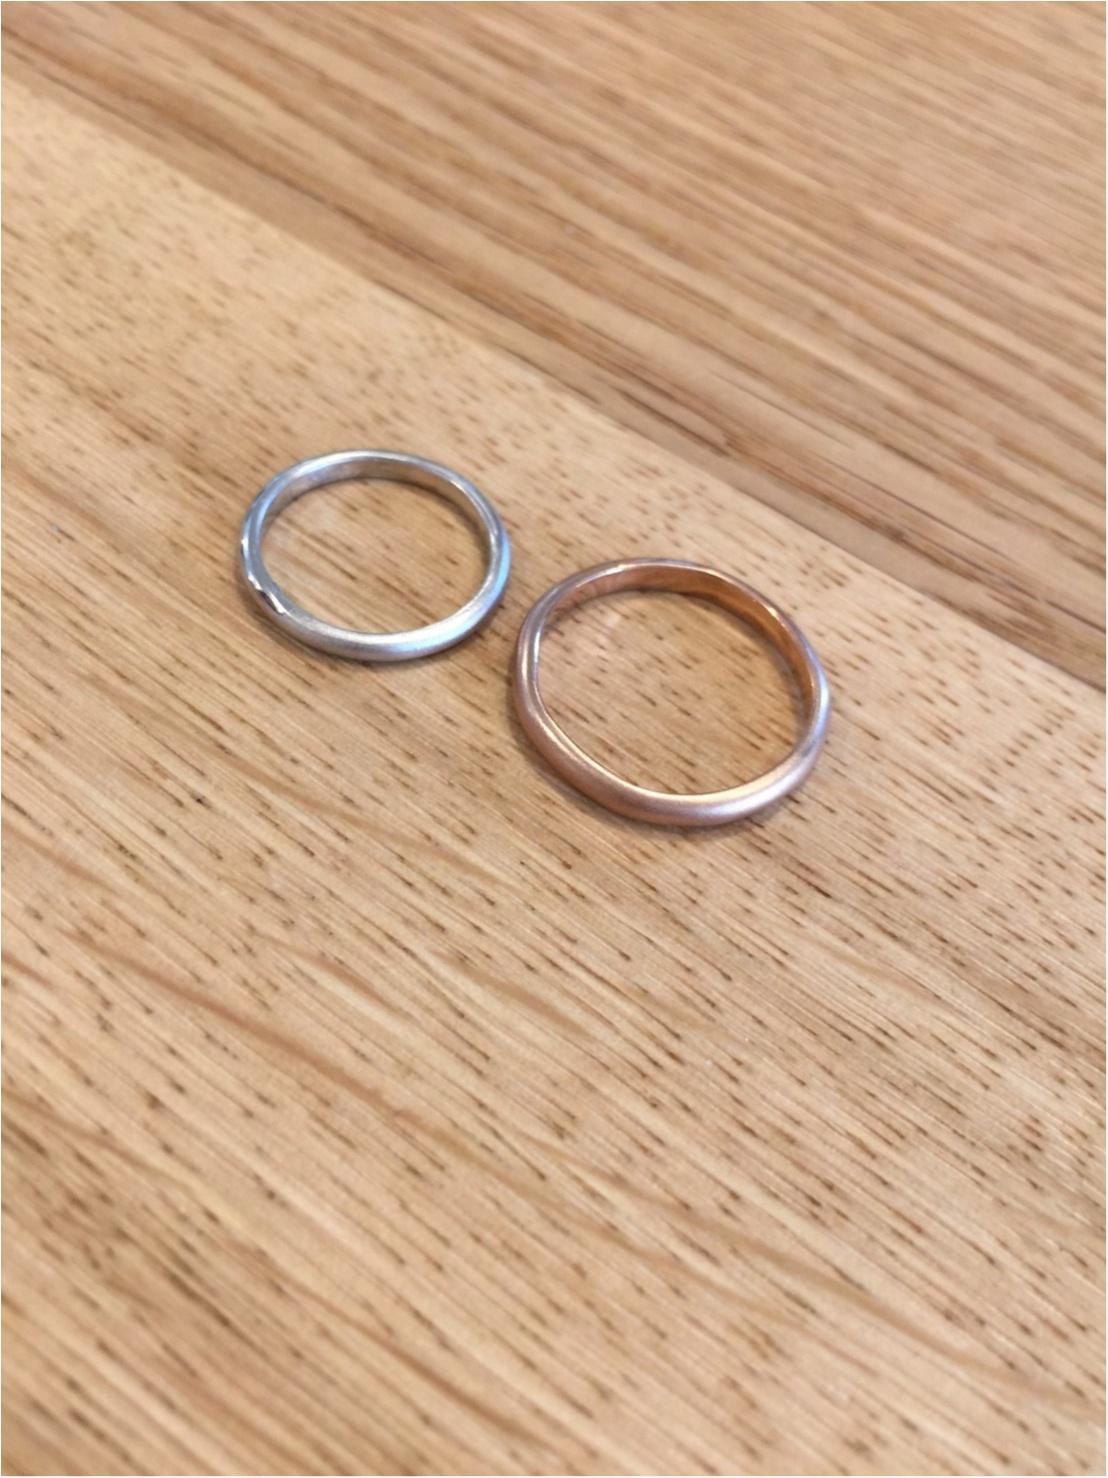 結婚指輪のおすすめブランド特集 - スタージュエリー、4℃、ジュエリーツツミなどウェディング・マリッジリングまとめ_50